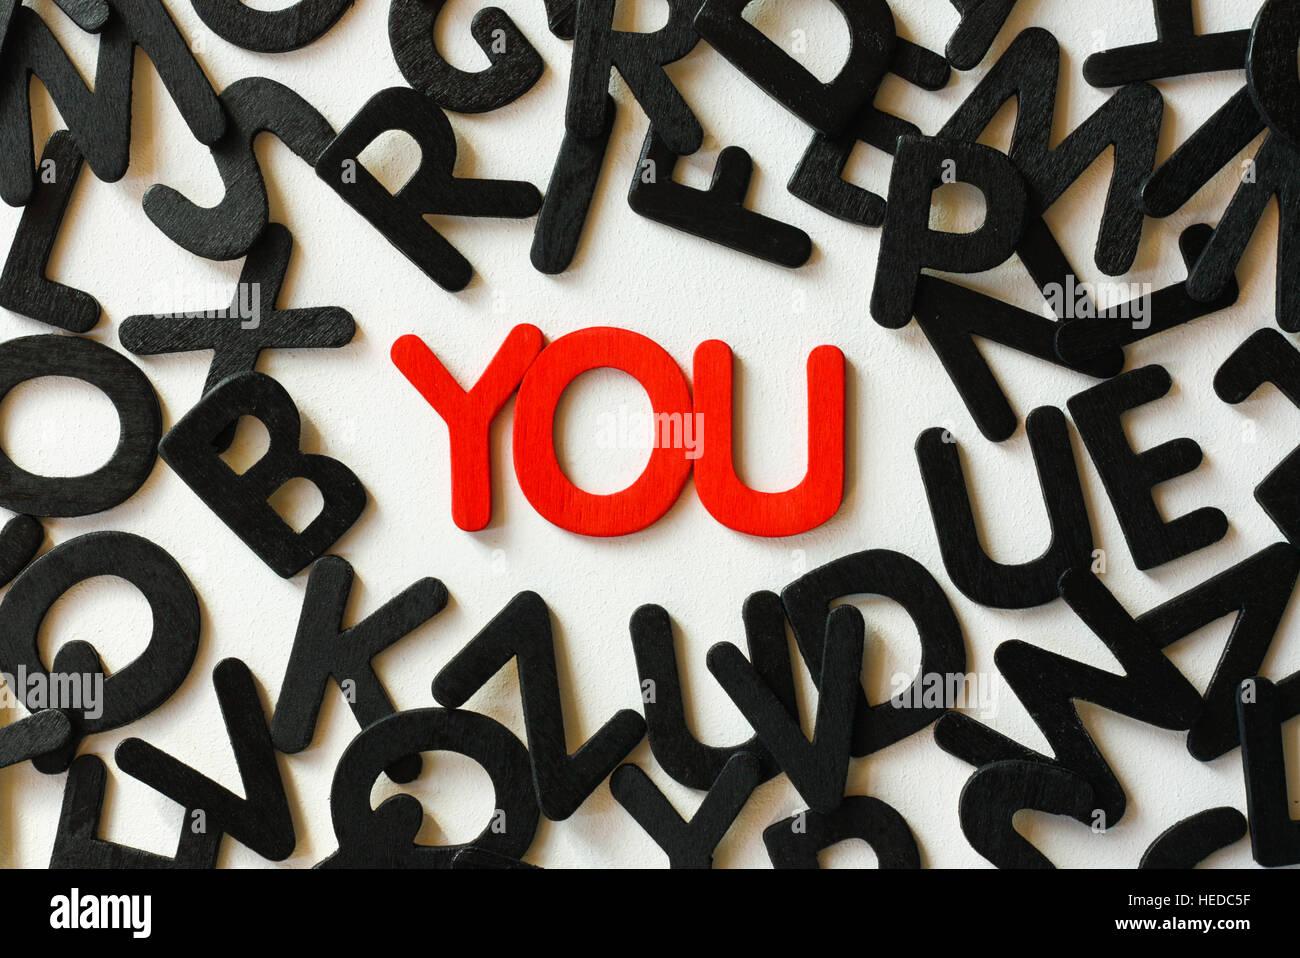 Lettere rosse ortografia la parola per illustrare il concetto di sé e di identità personale. Immagini Stock